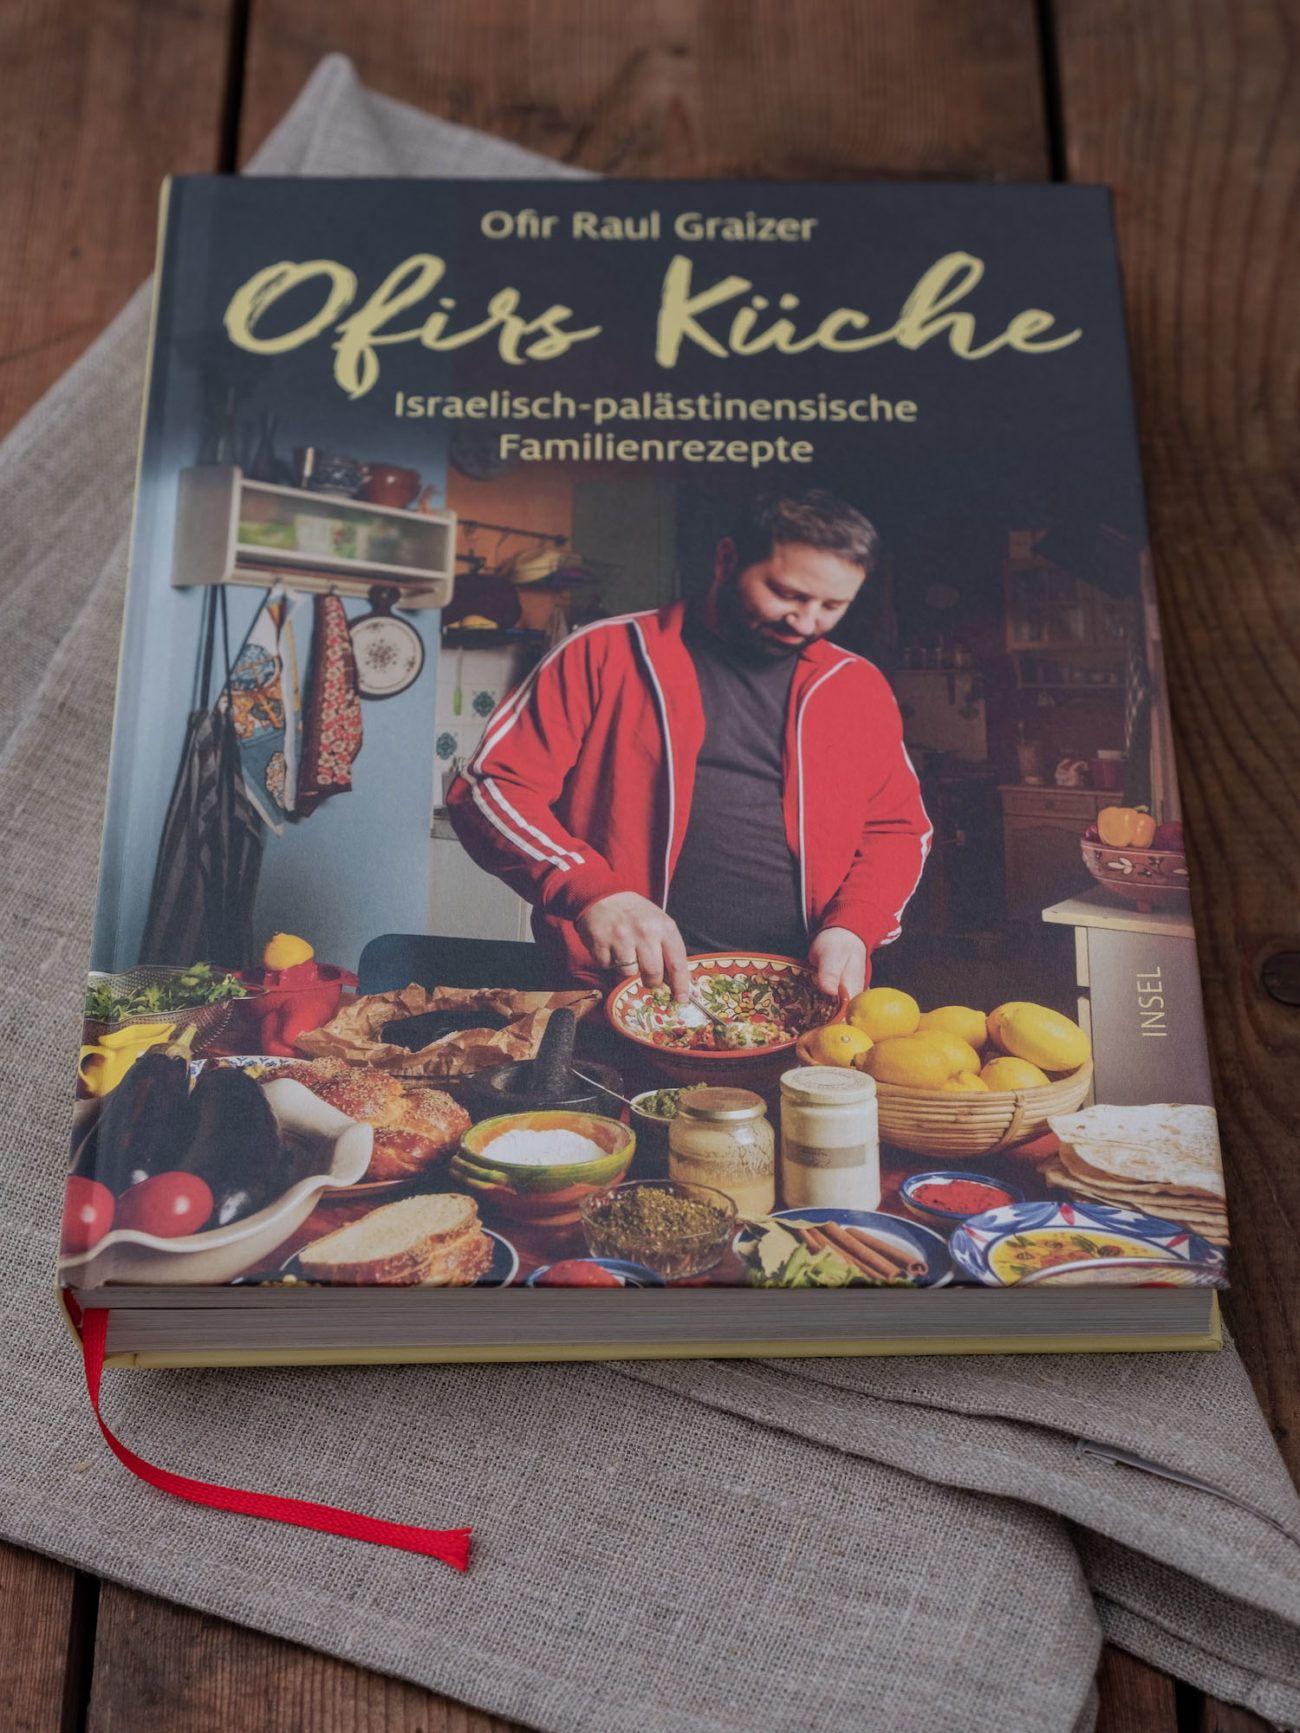 About Fuel, Ofir Raul Graizer, Kochbuch, Rezept, Ofirs Küche, Buch